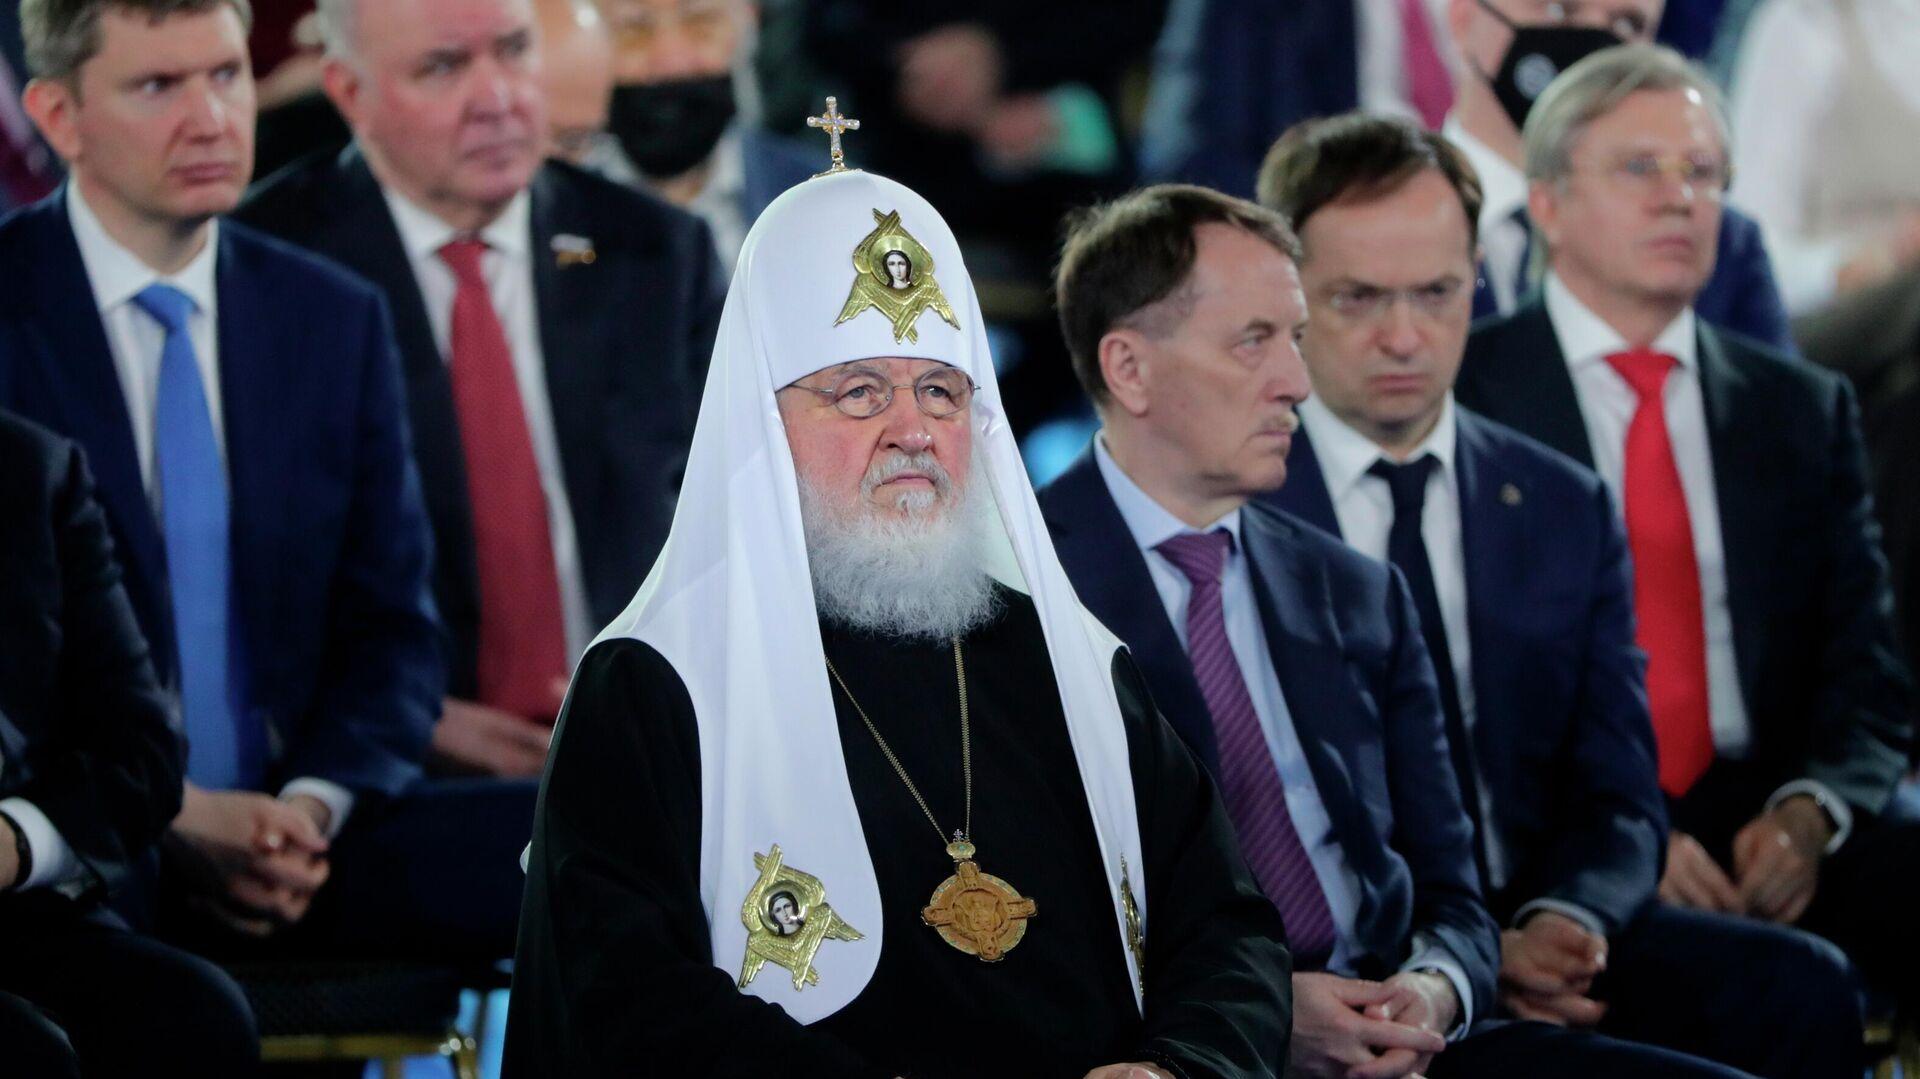 Патриарх Кирилл рассказал о своем участии в событиях 1993 года